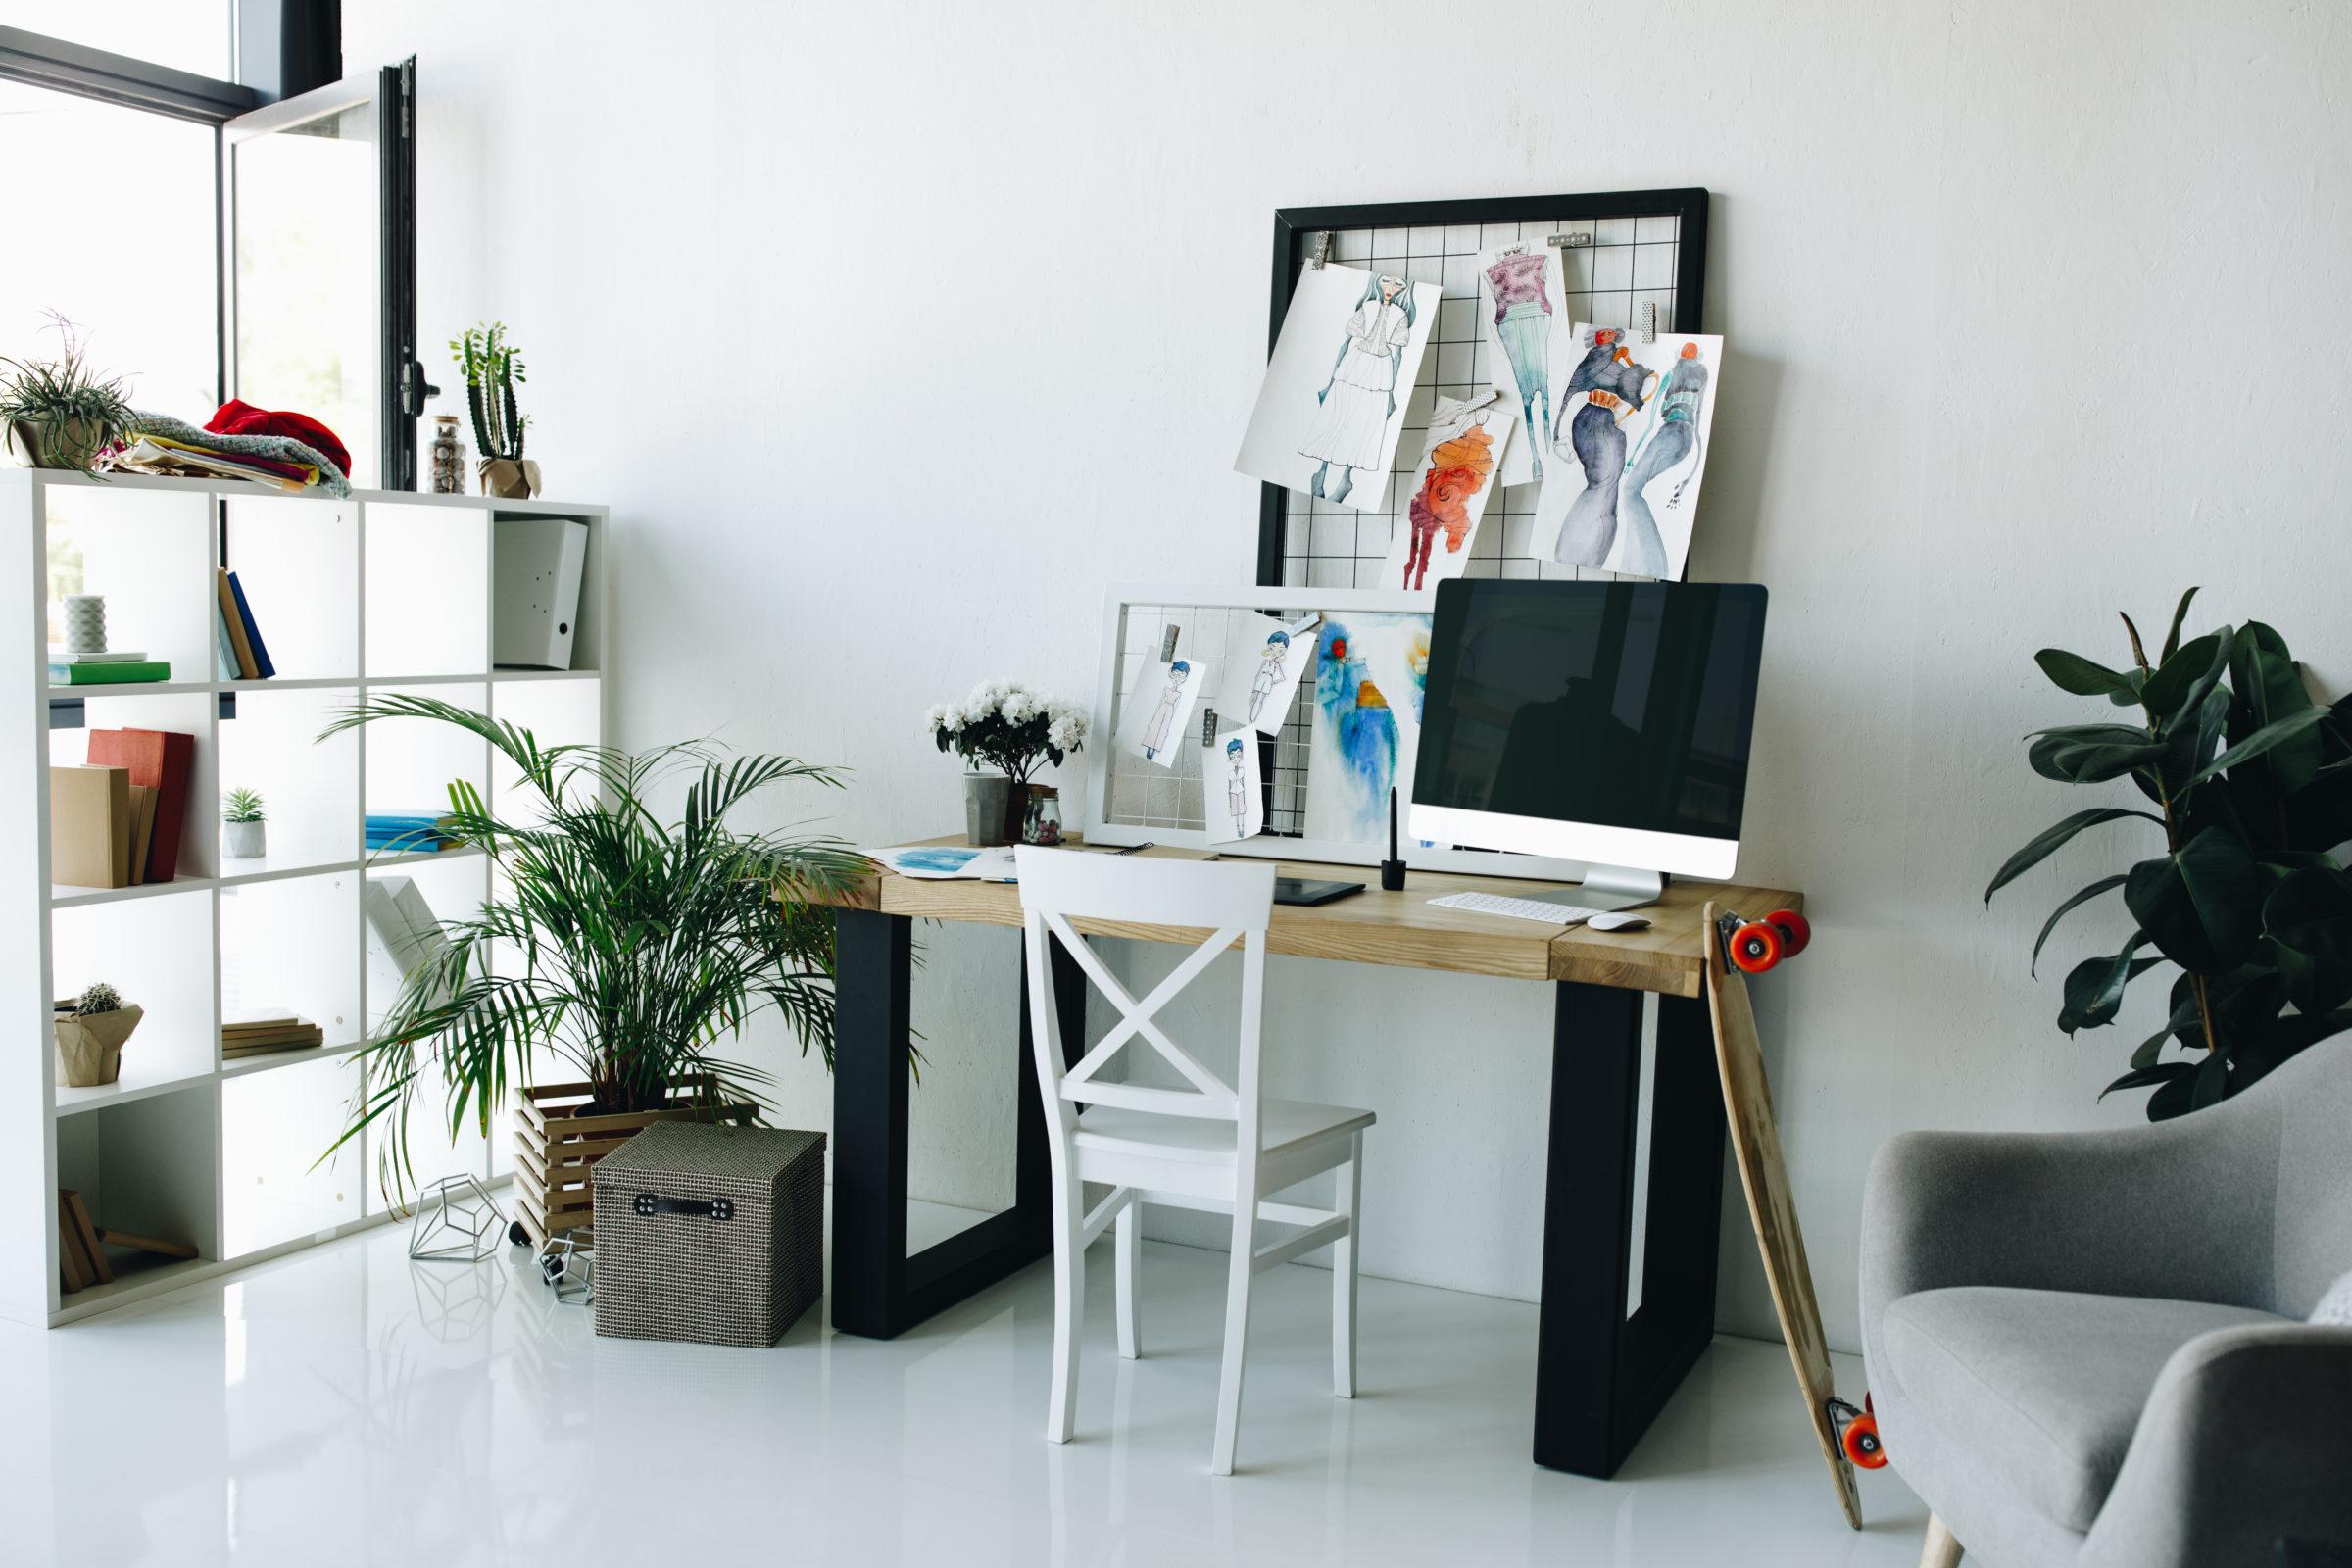 modern fashion design studio interior LNVLGPQ